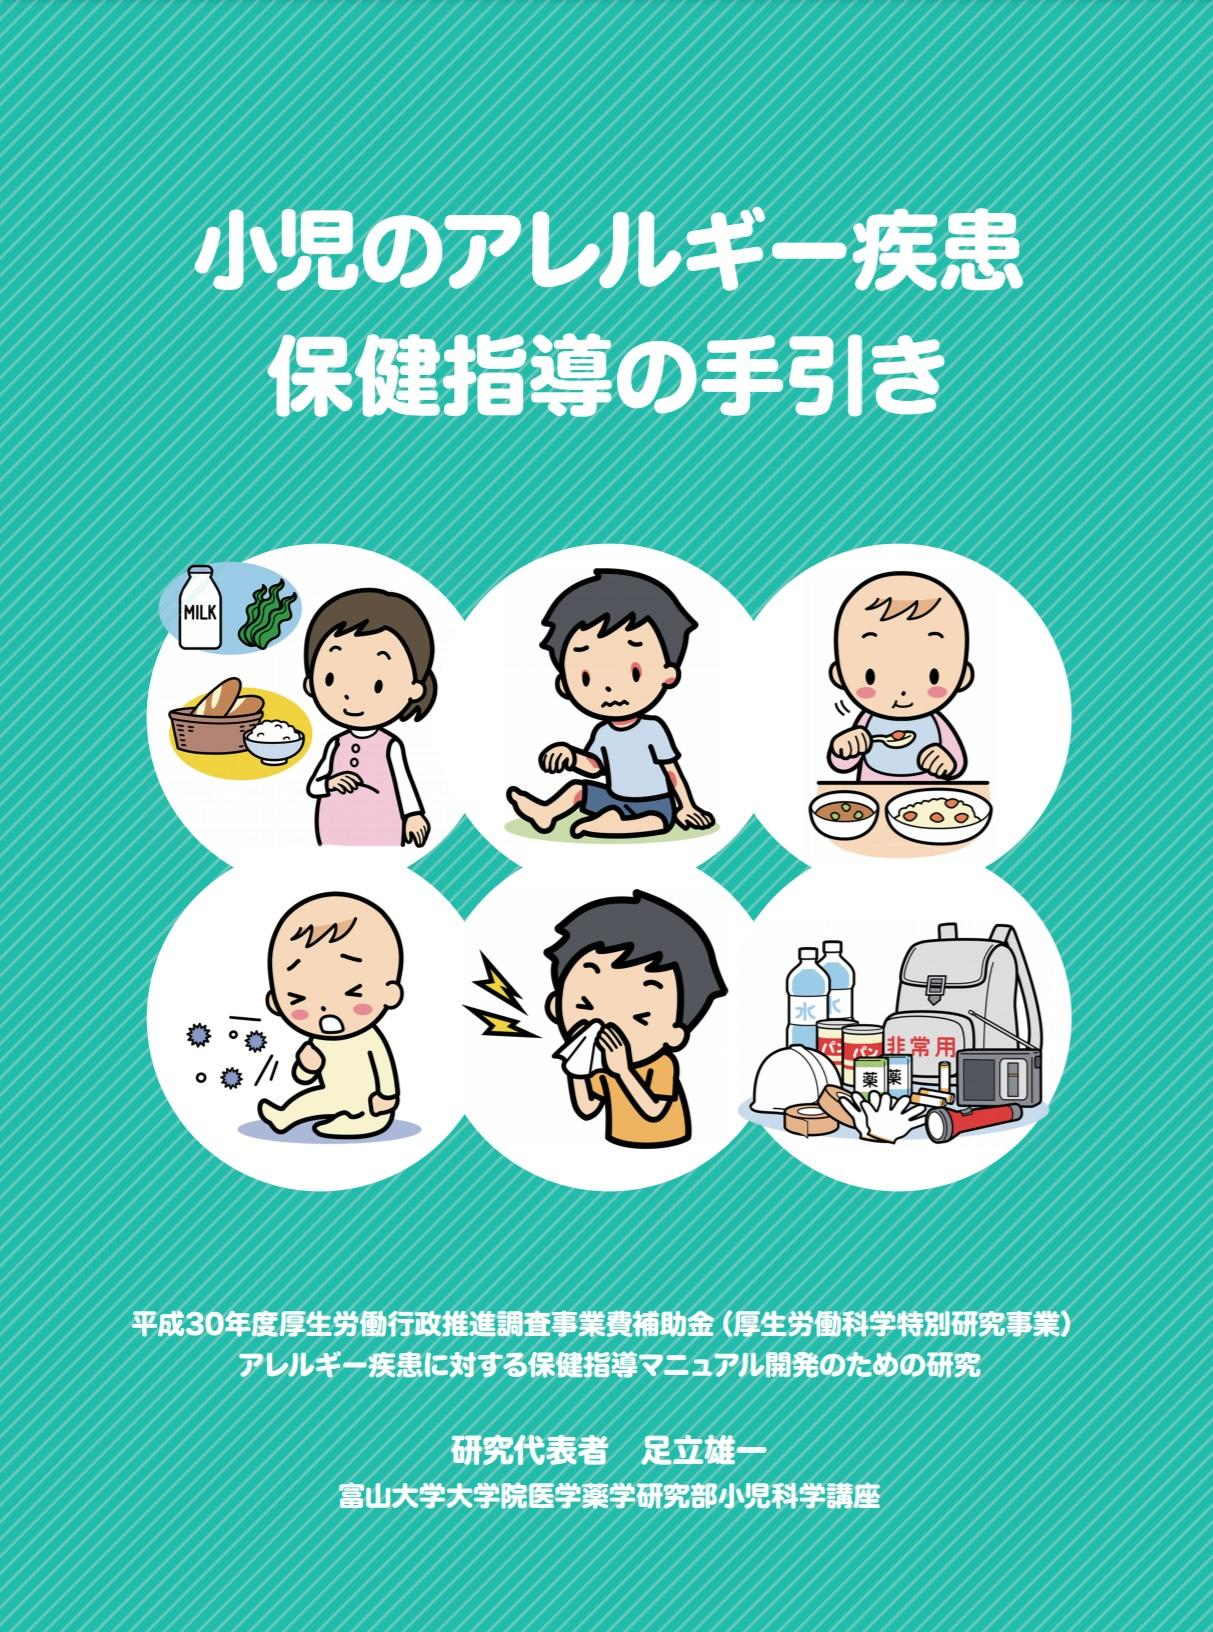 「小児のアレルギー疾患 保健指導の手引き」を掲載~アレルギーポータル